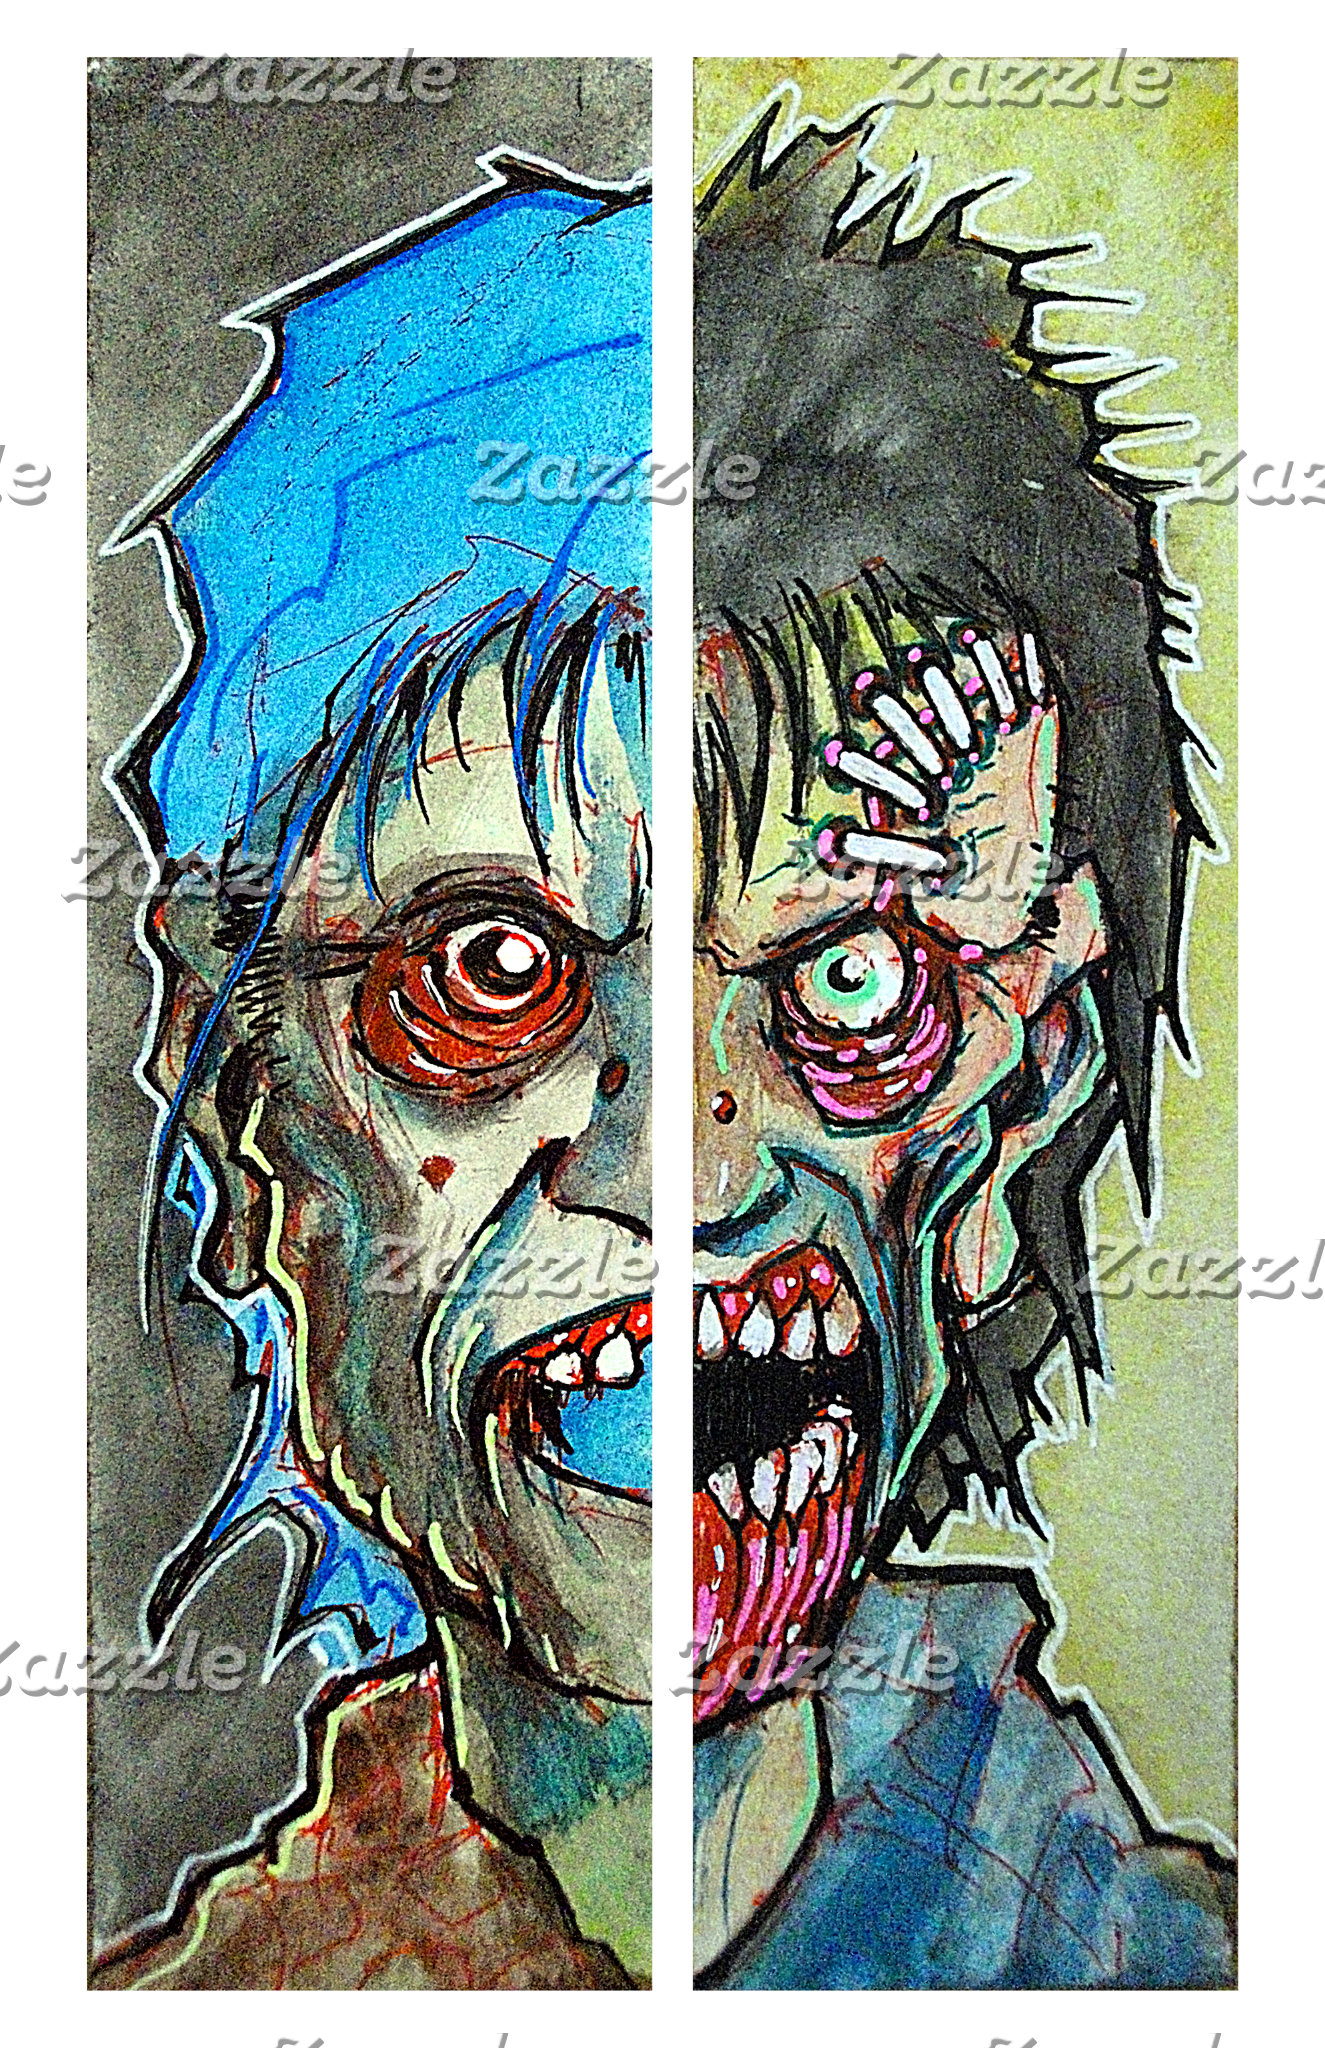 Two Half Zombie